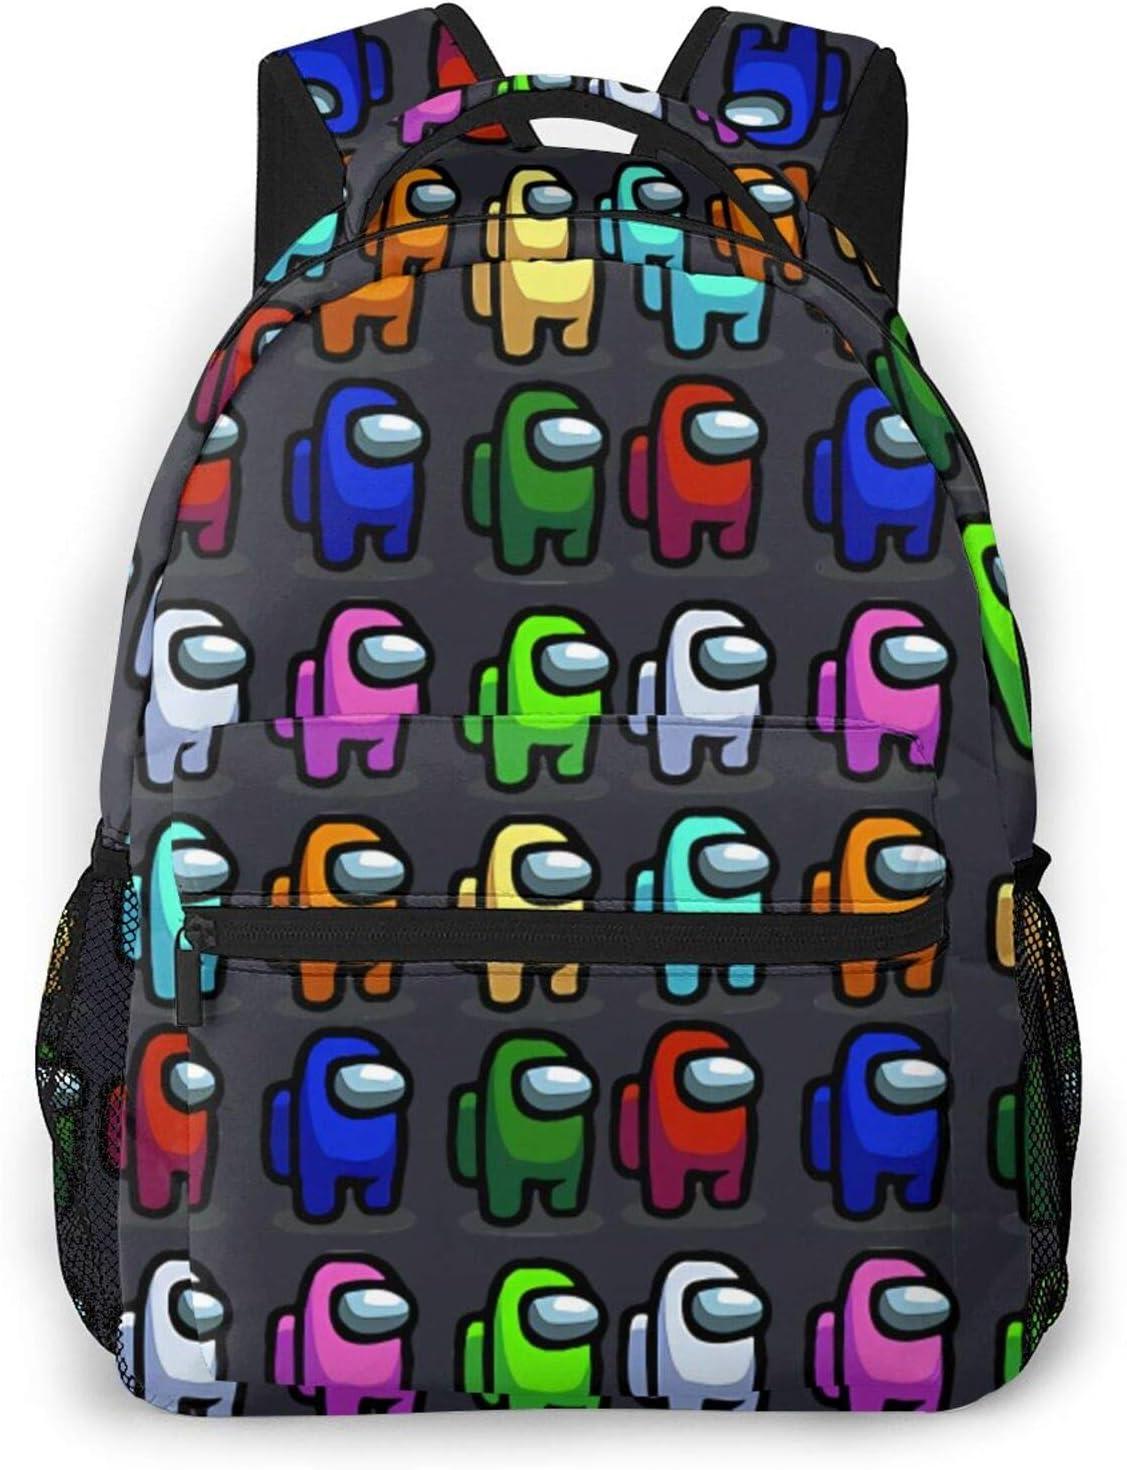 Among Us -02 Among Us Backpack Among Us School Bag Among Us Laptop Bag Among Us Travel Bag Fashionable Awesome Gift